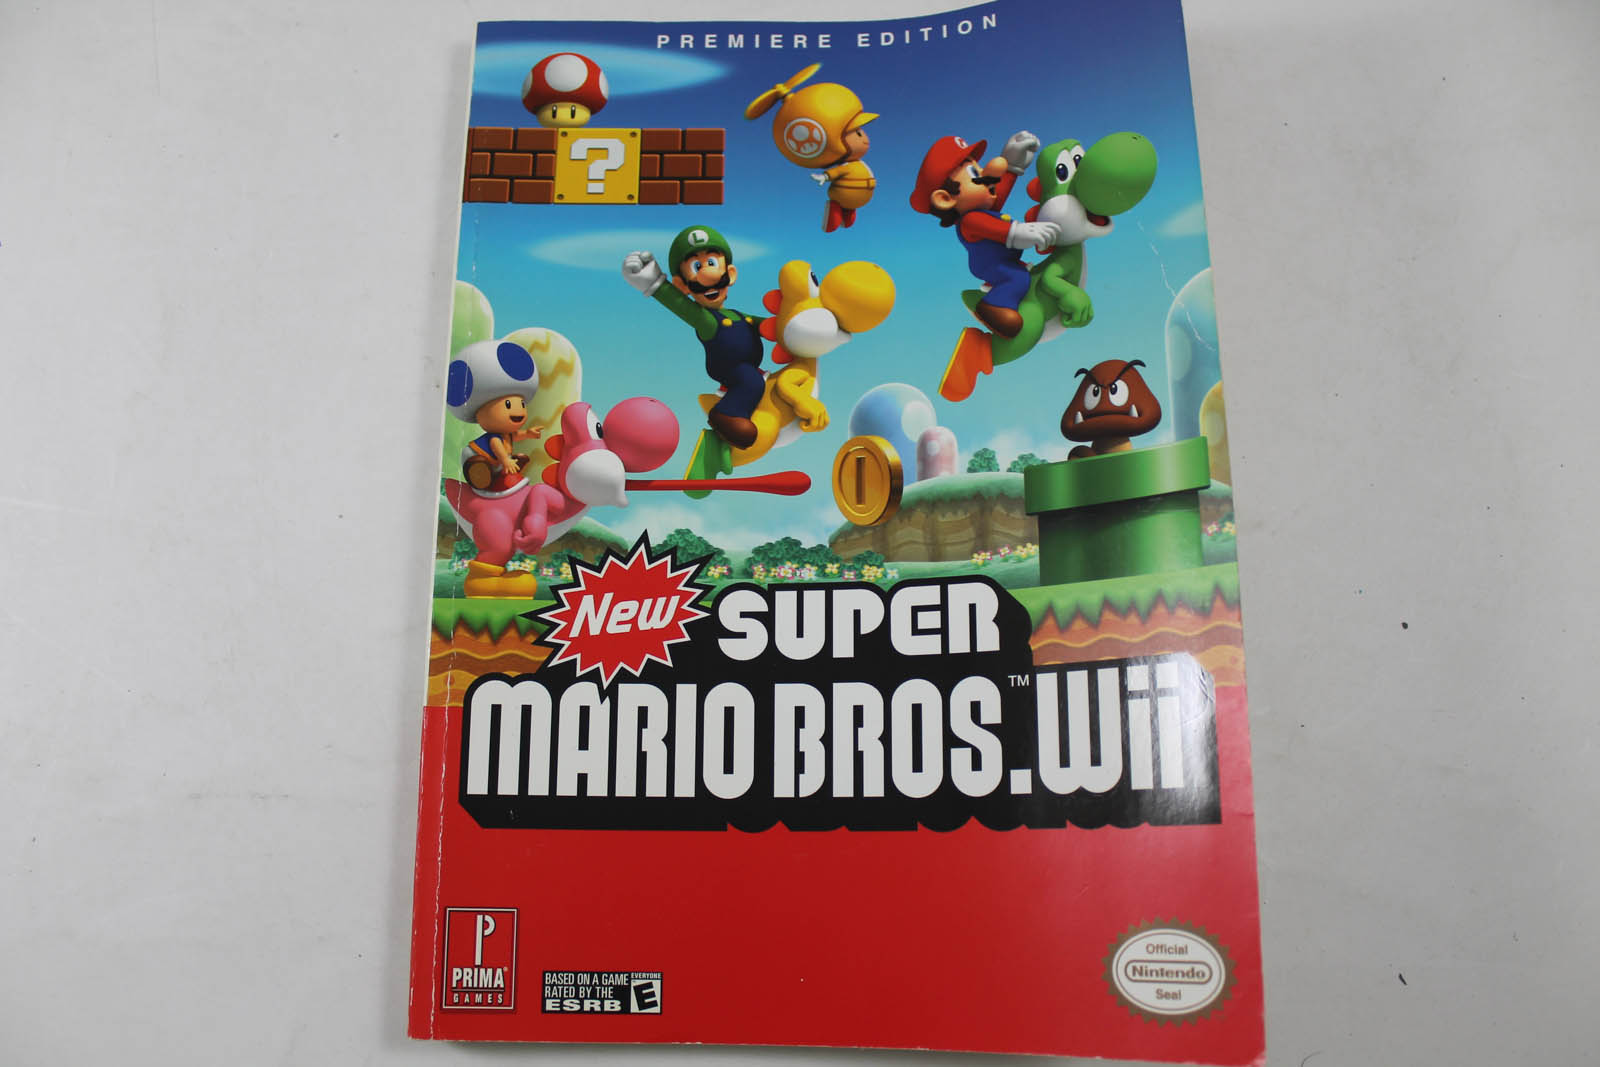 New Super Mario Bros. Wii Premiere Edition Guide - Prima Games